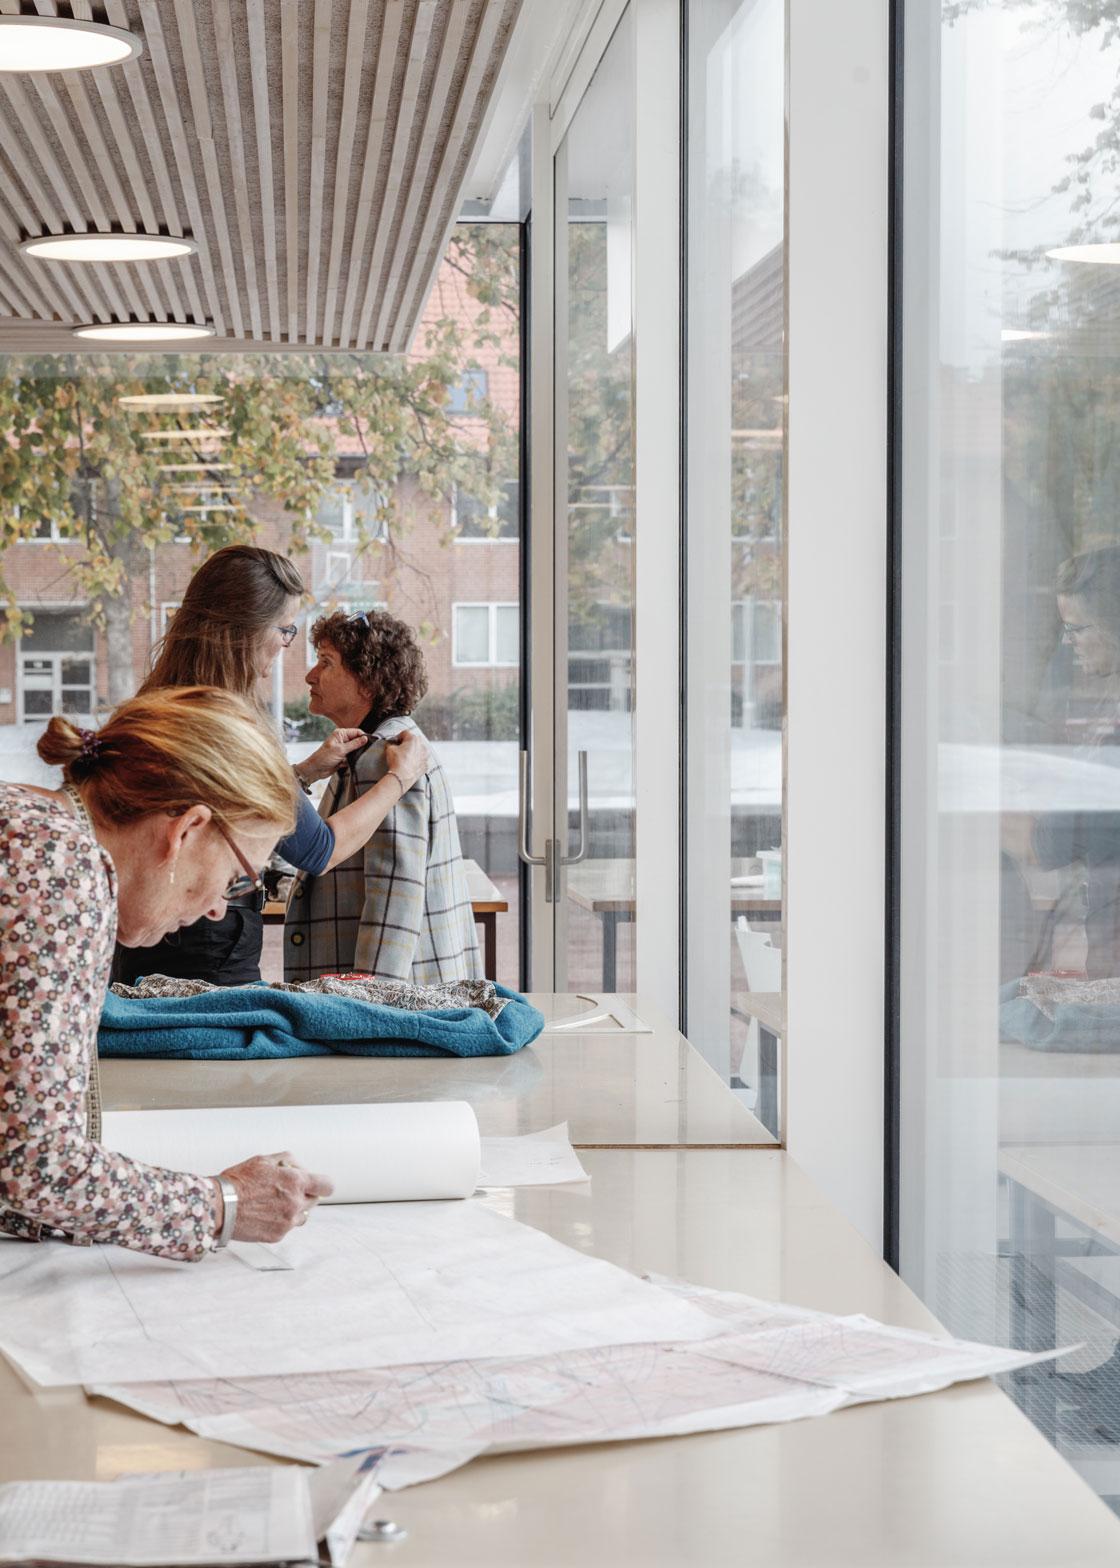 Kunstens Hus forsyner lokalsamfundet et rum til at praktisere kunst og udstillinger